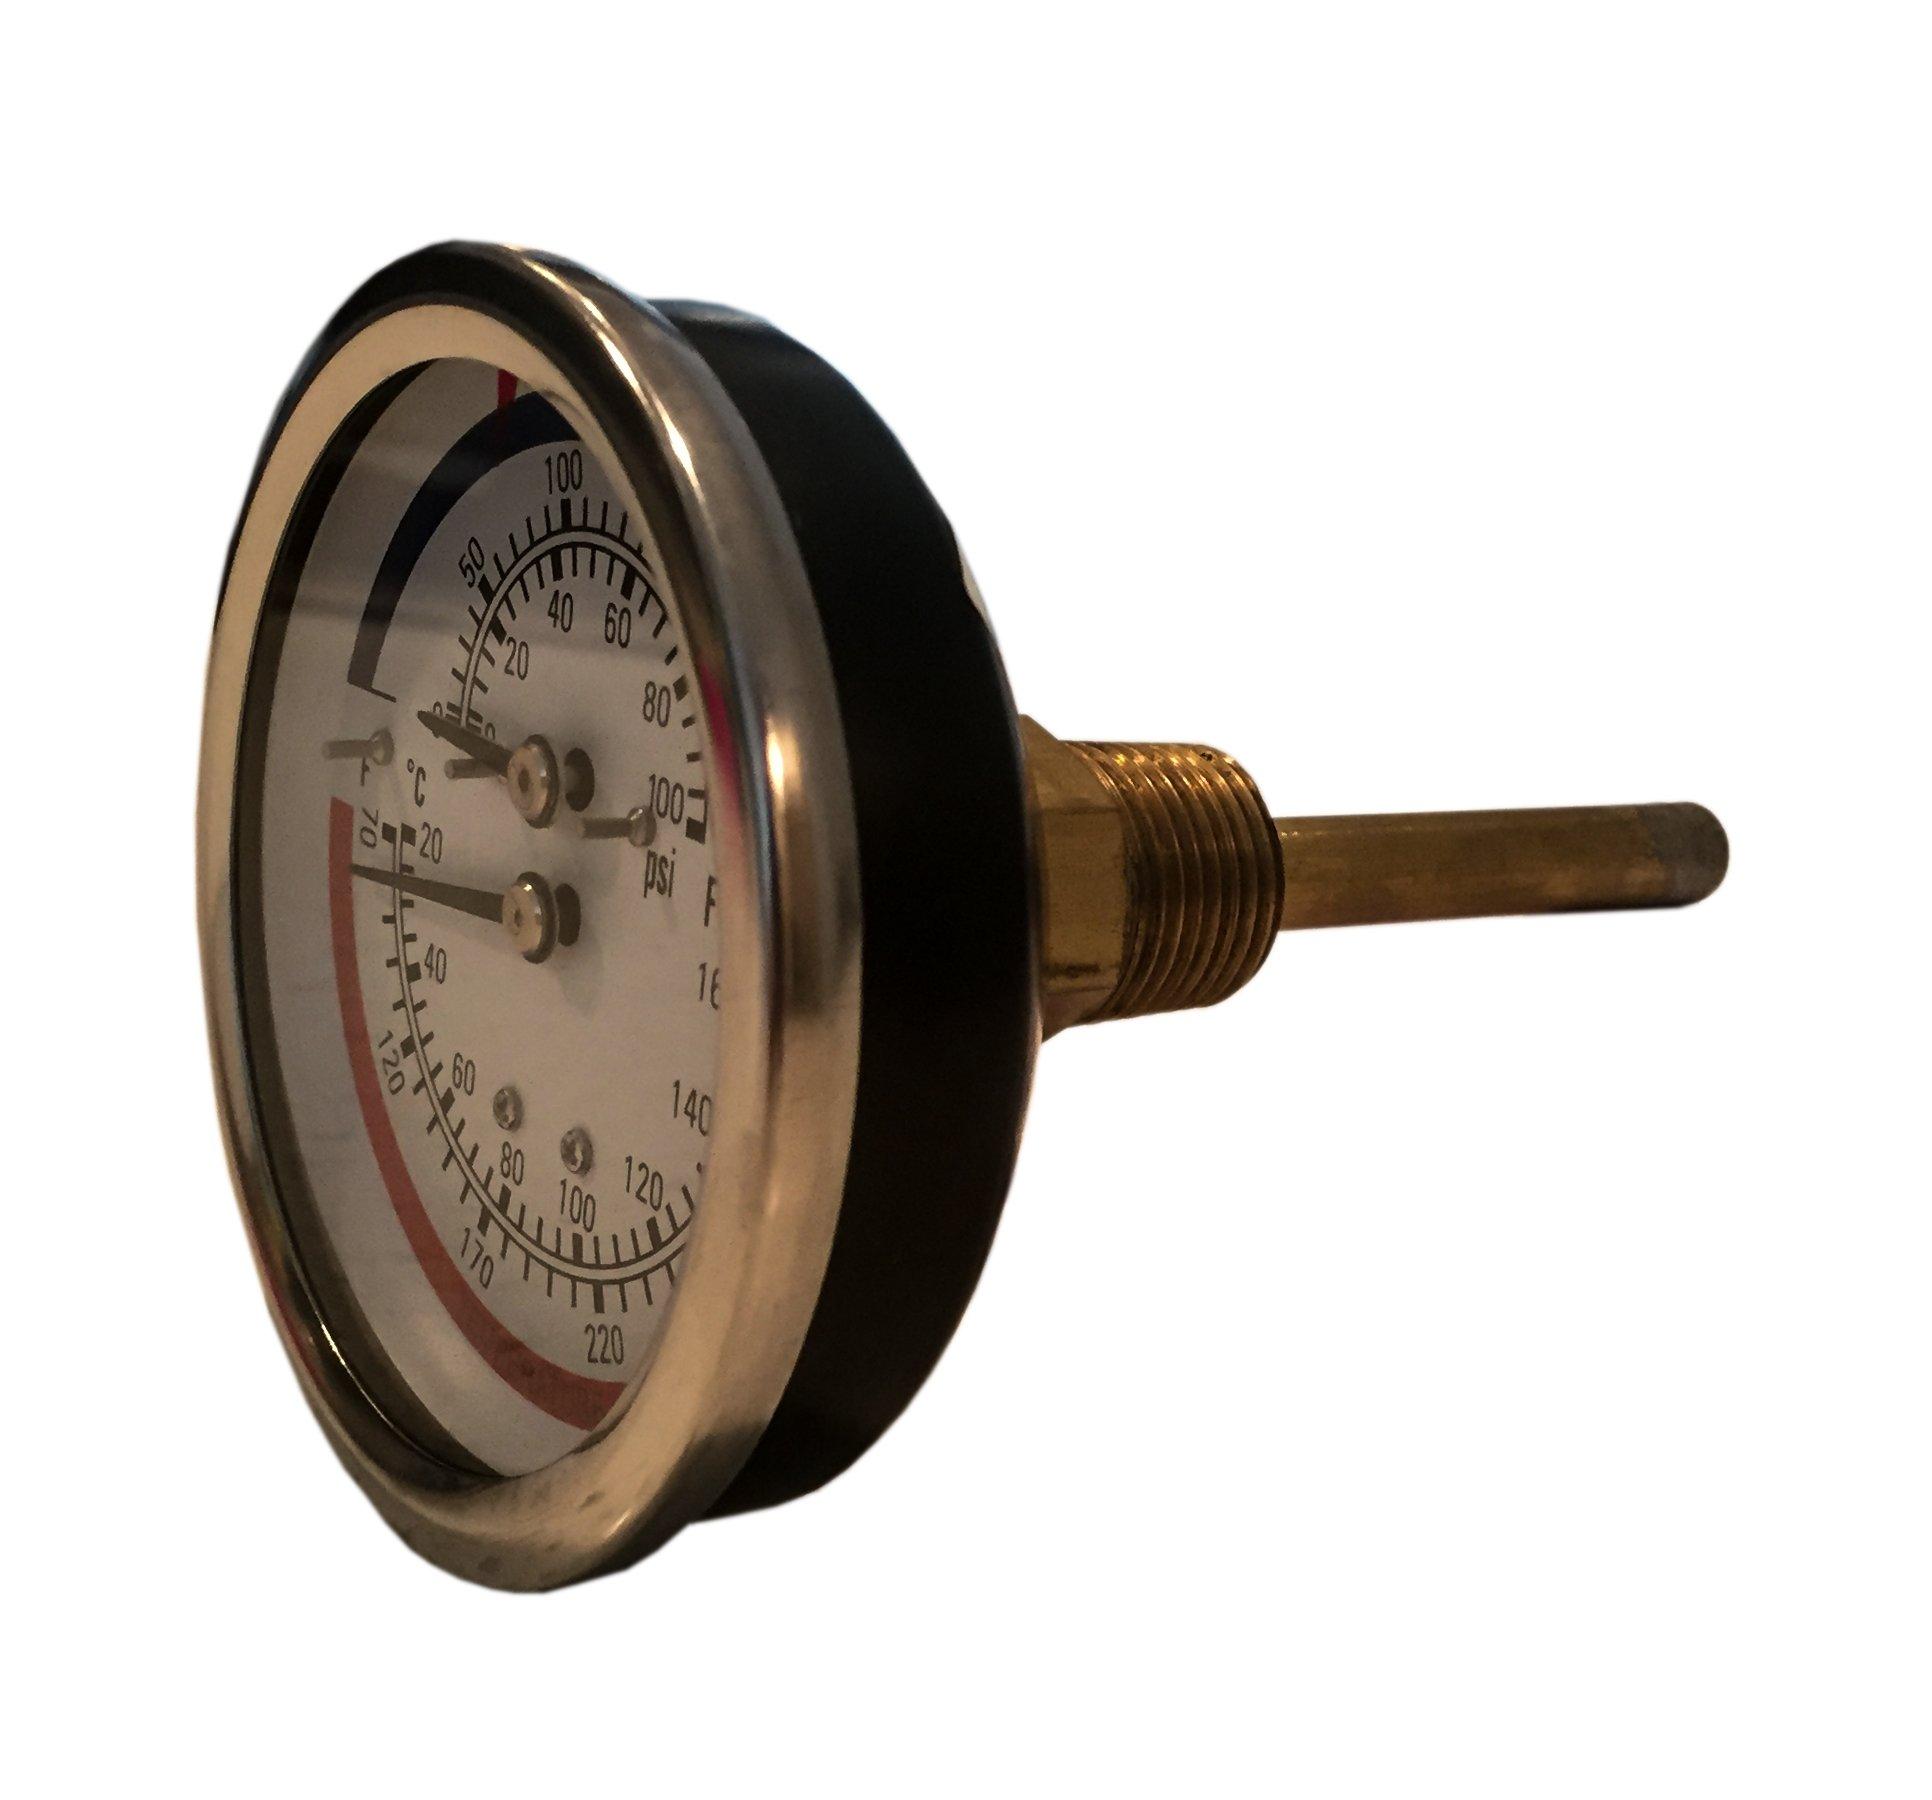 CNSG 3.25'' Dial Dual Scale Tridicator - 3'' Stem